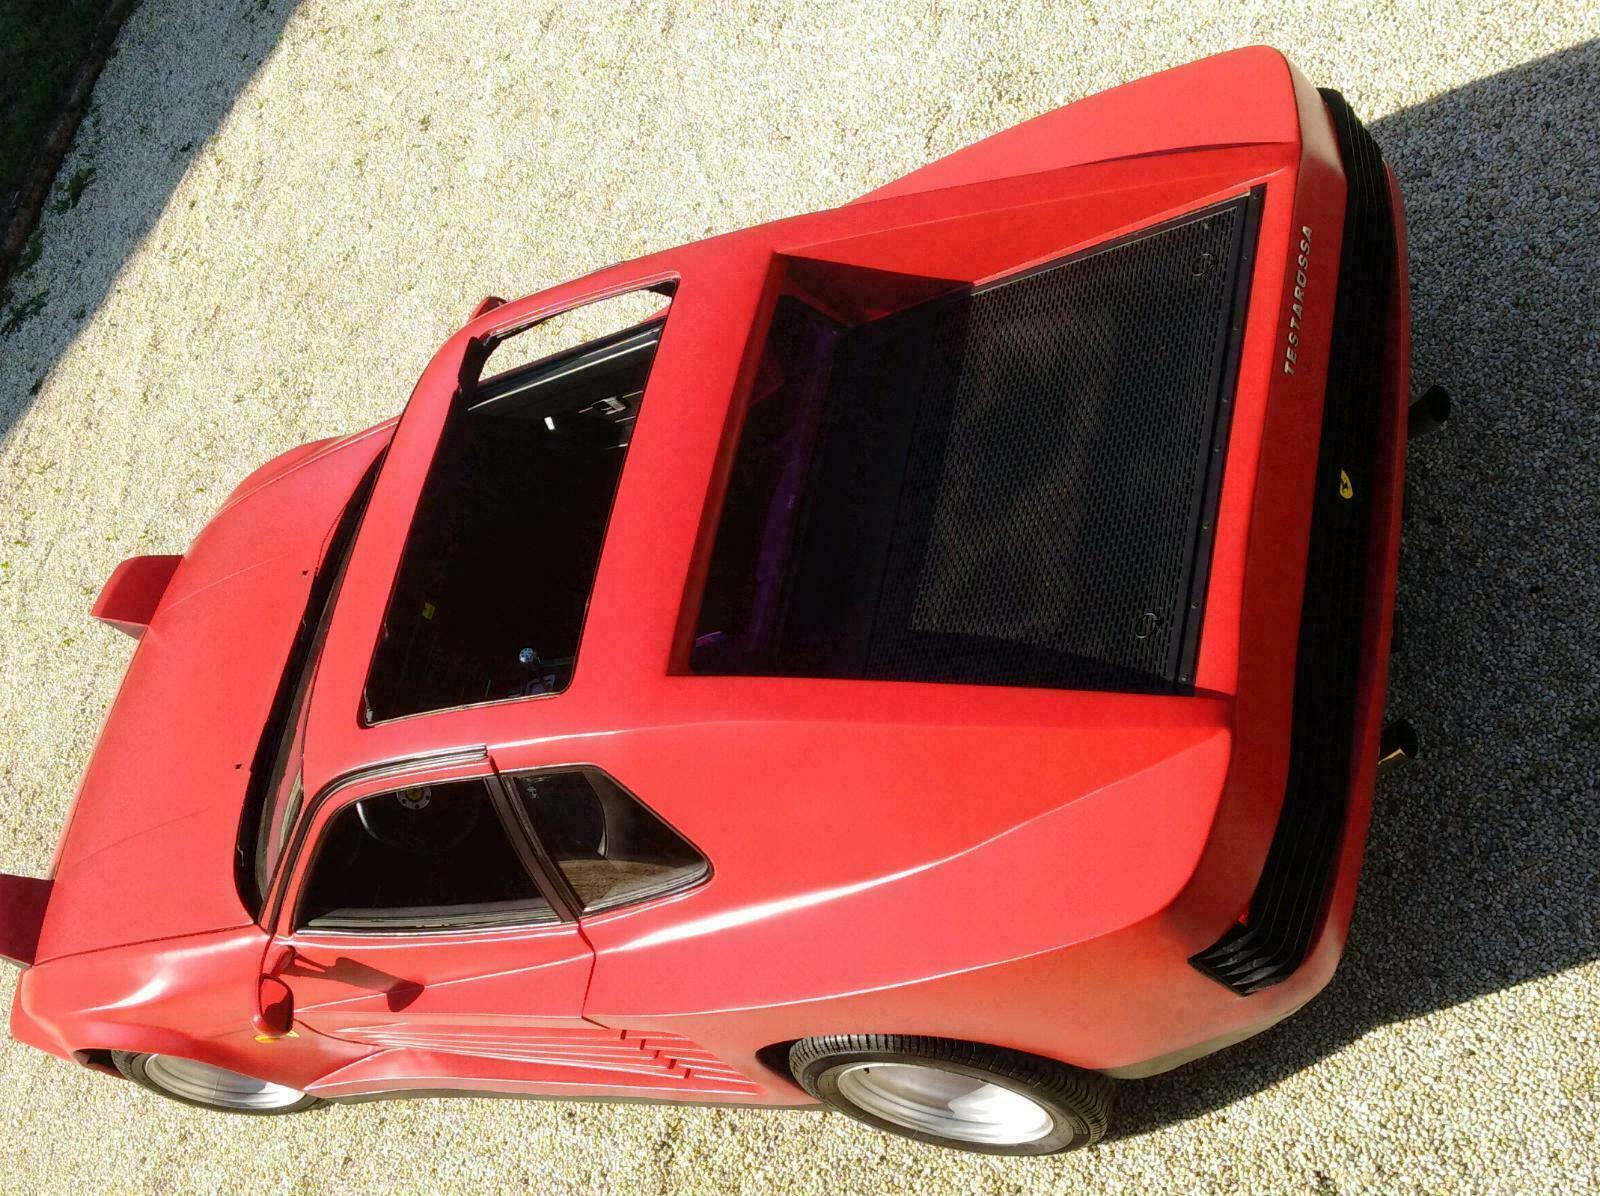 Porsche-924-Ferrari-Testarossa-Replica-4